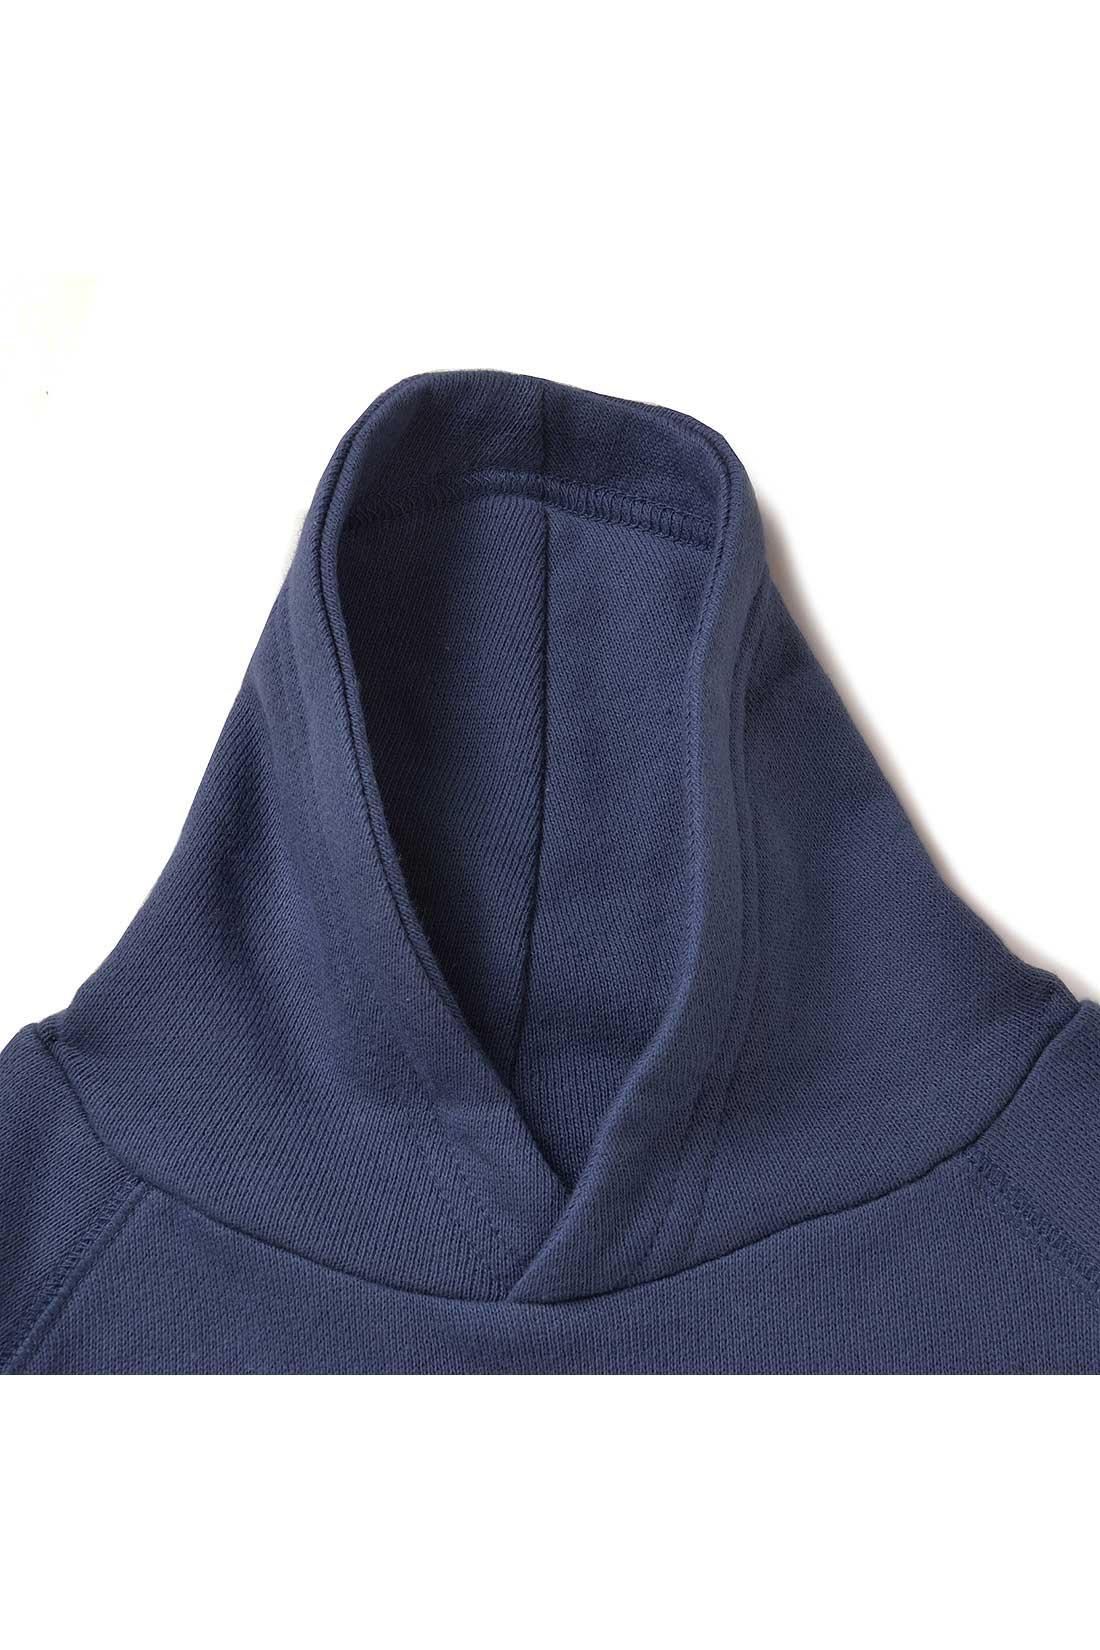 フード風の衿だから、引っ掛かりにくく安心。